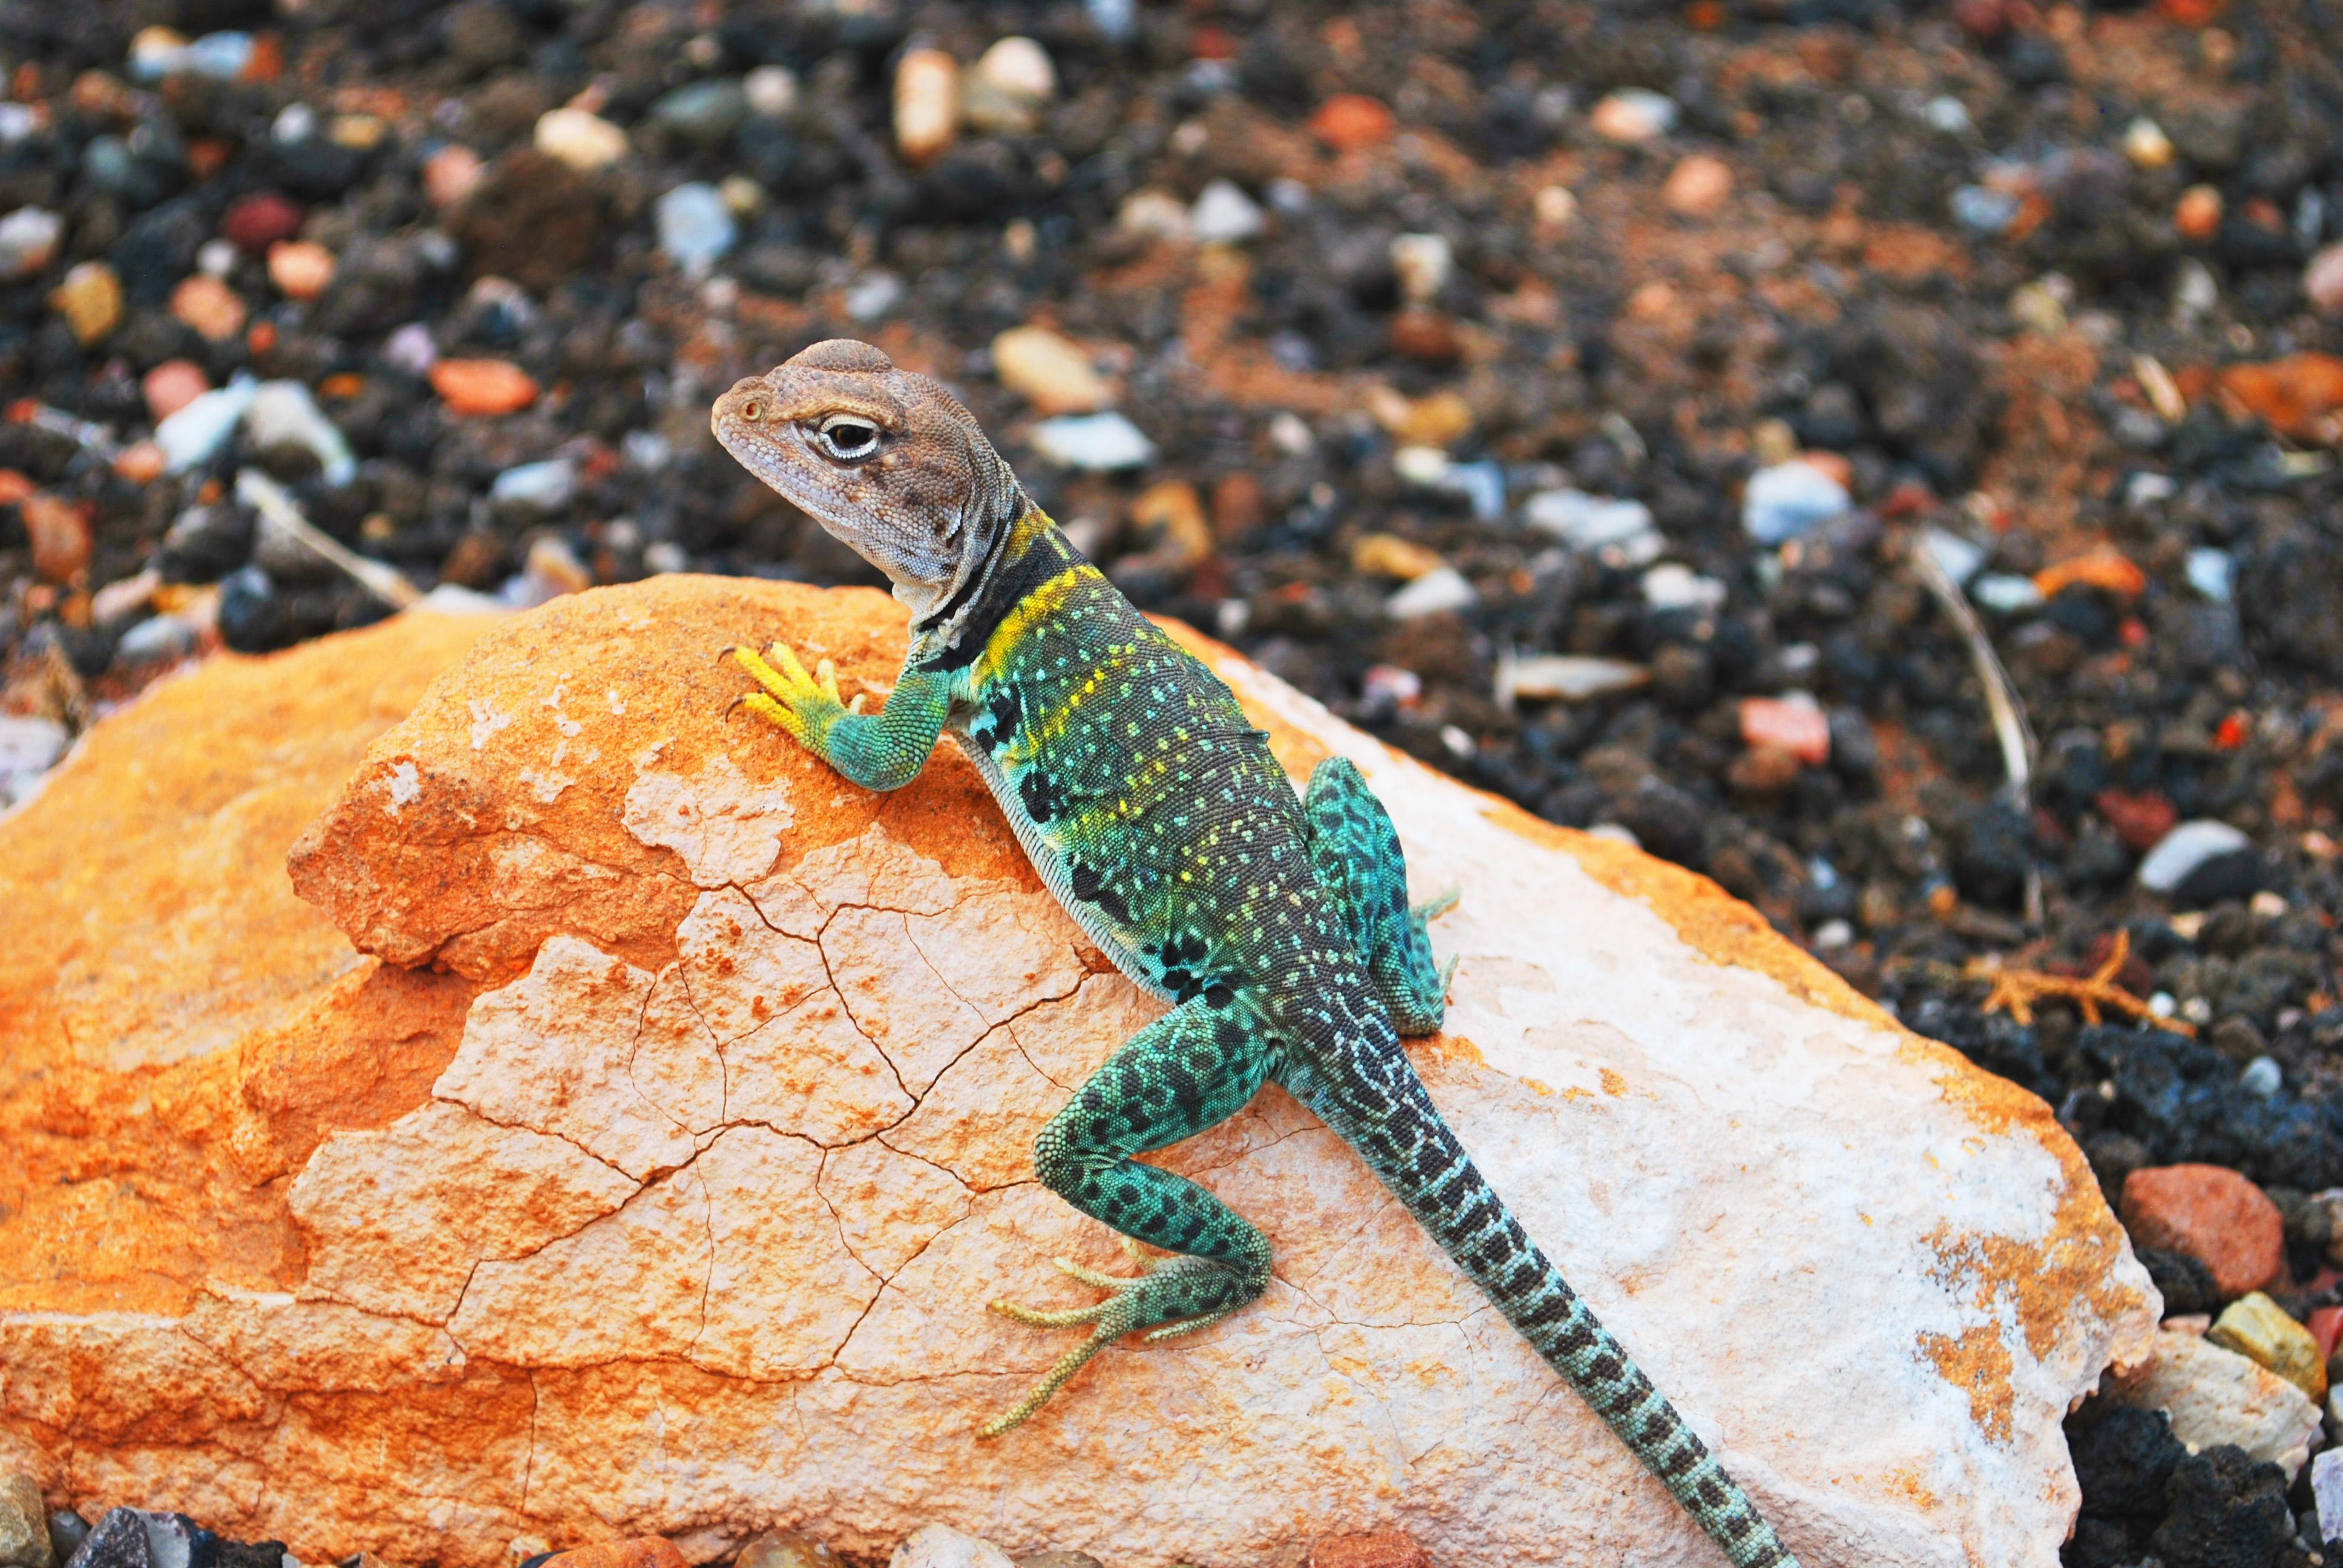 green lizard wallpaper 4k background